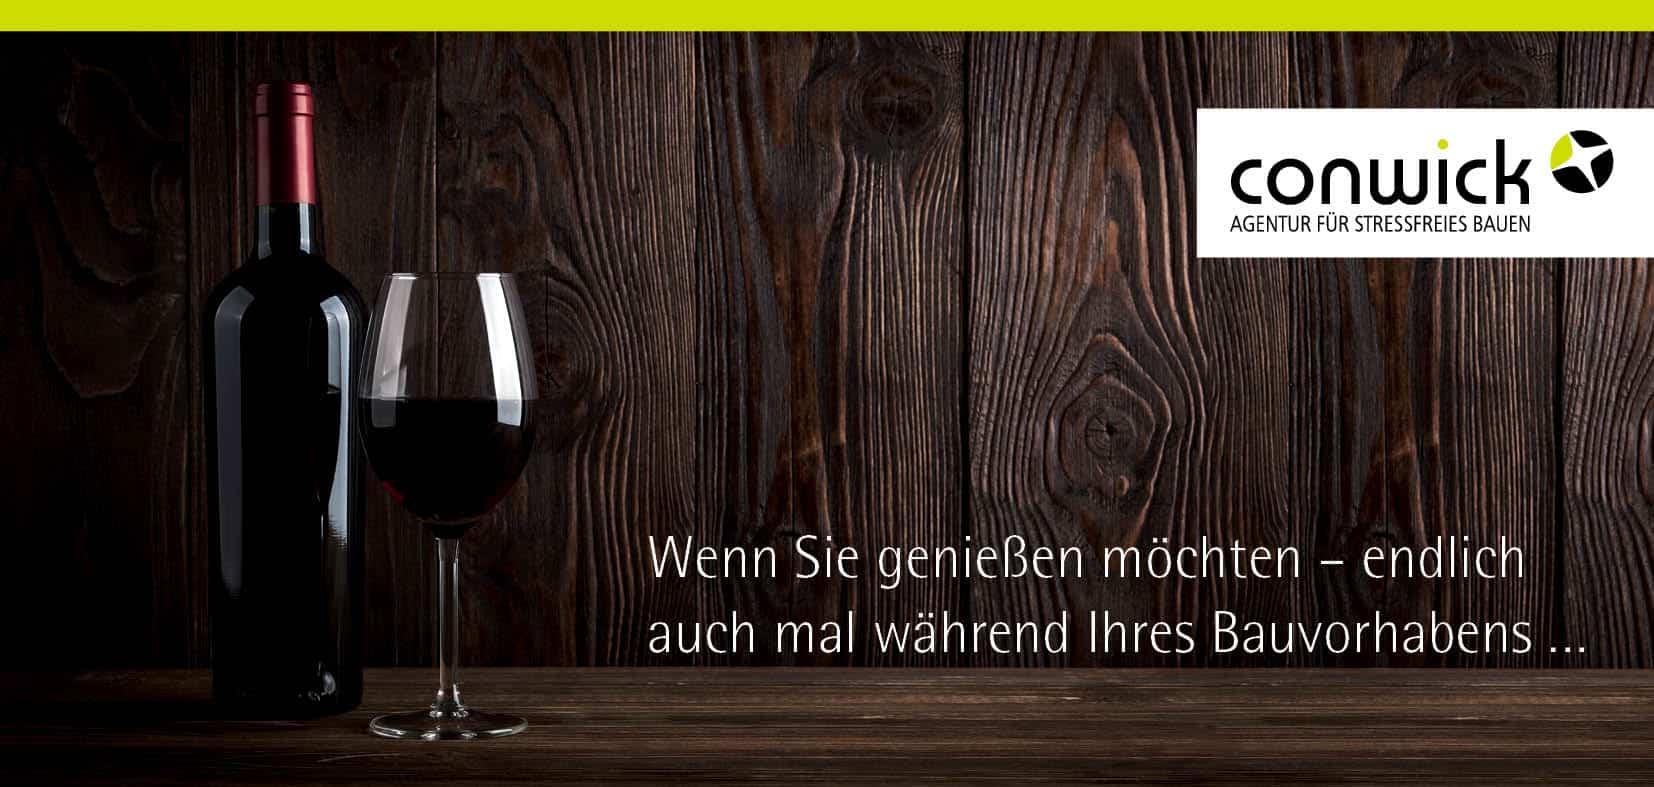 Ein Glas Rotwein und eine Flasche stehen vor einer Holzwand